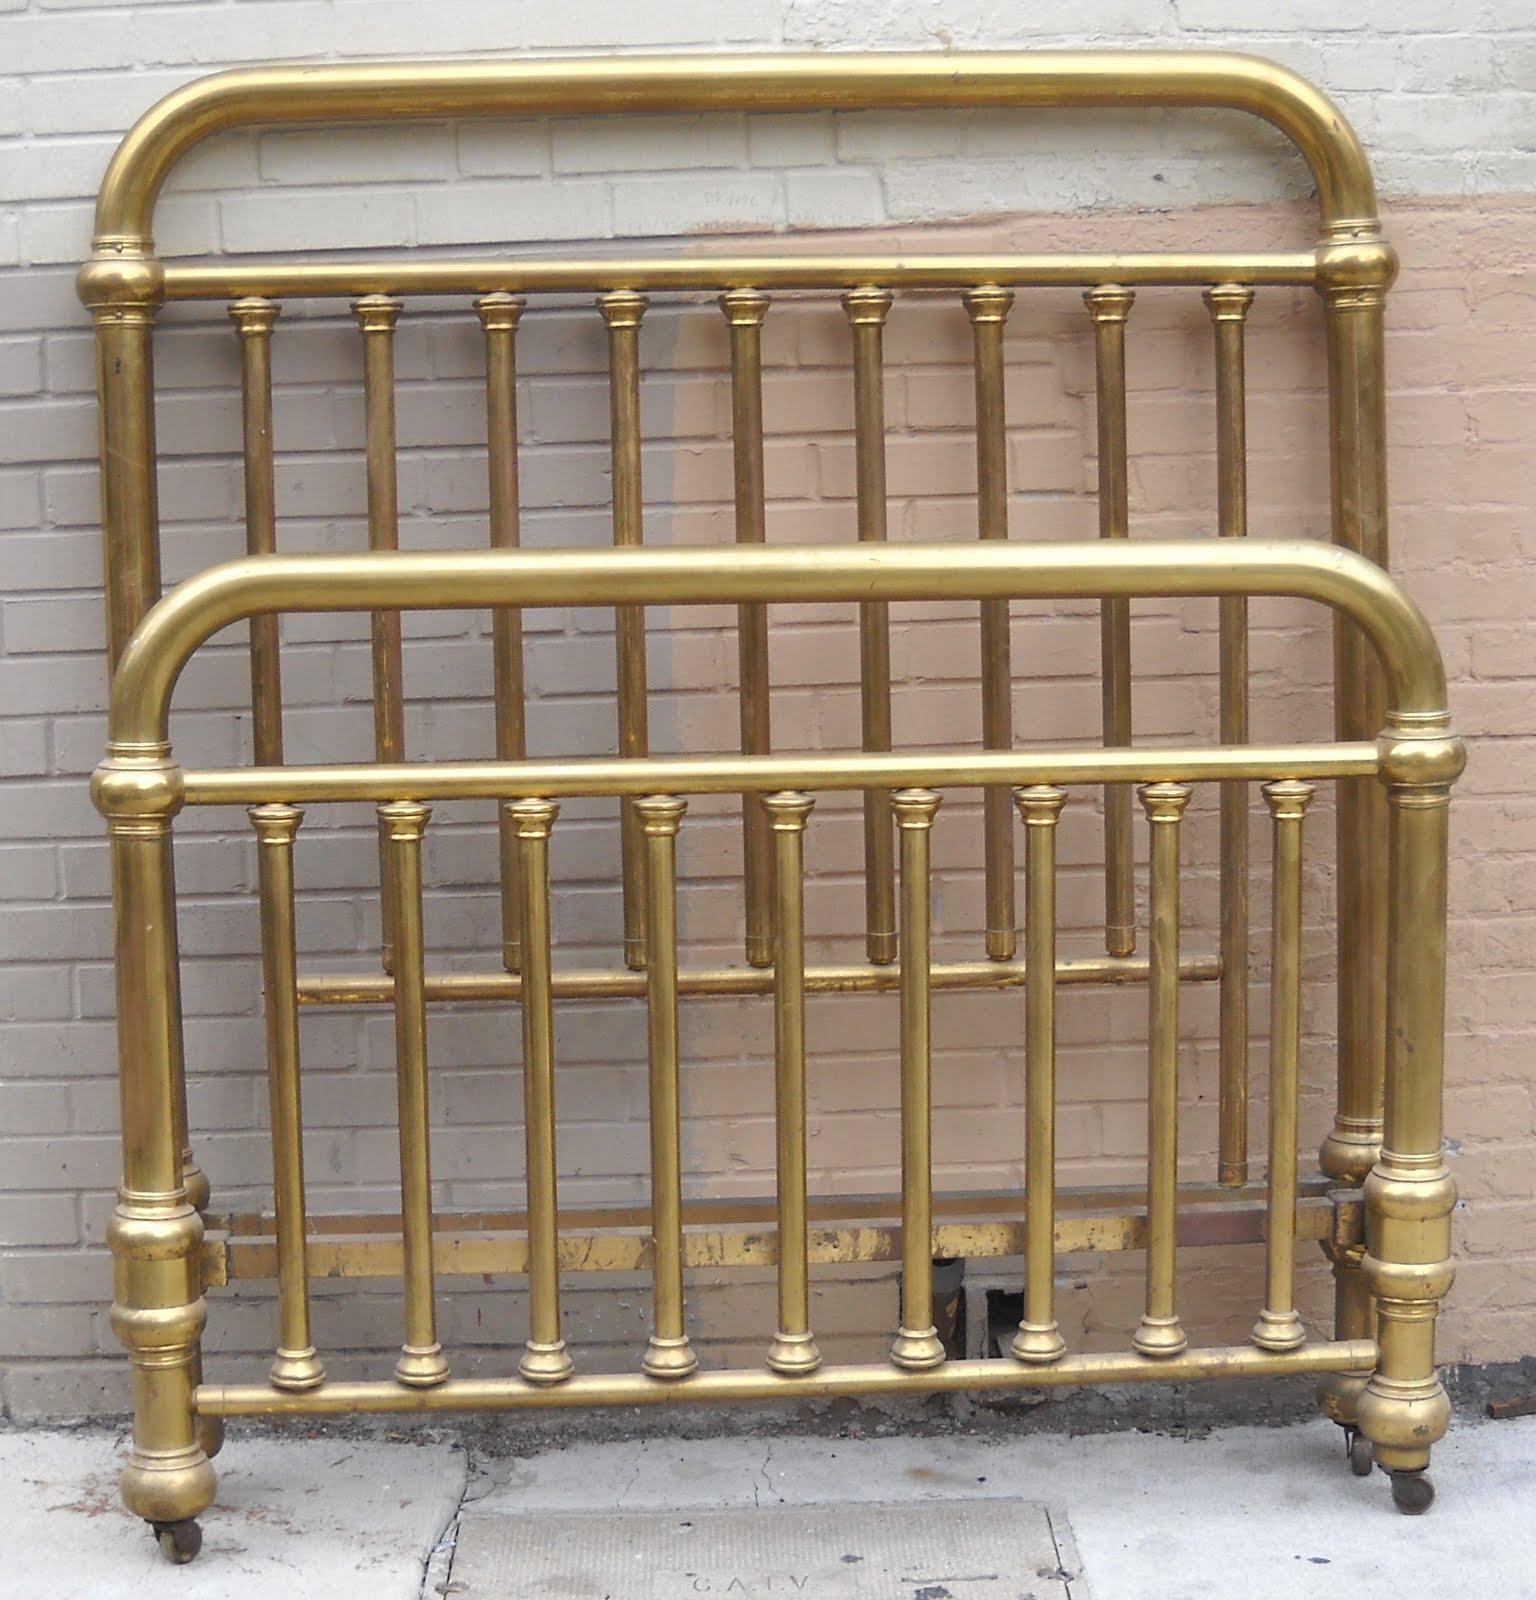 uhuru furniture collectibles lisa 39 s pick antique brass bedframe full size sold. Black Bedroom Furniture Sets. Home Design Ideas